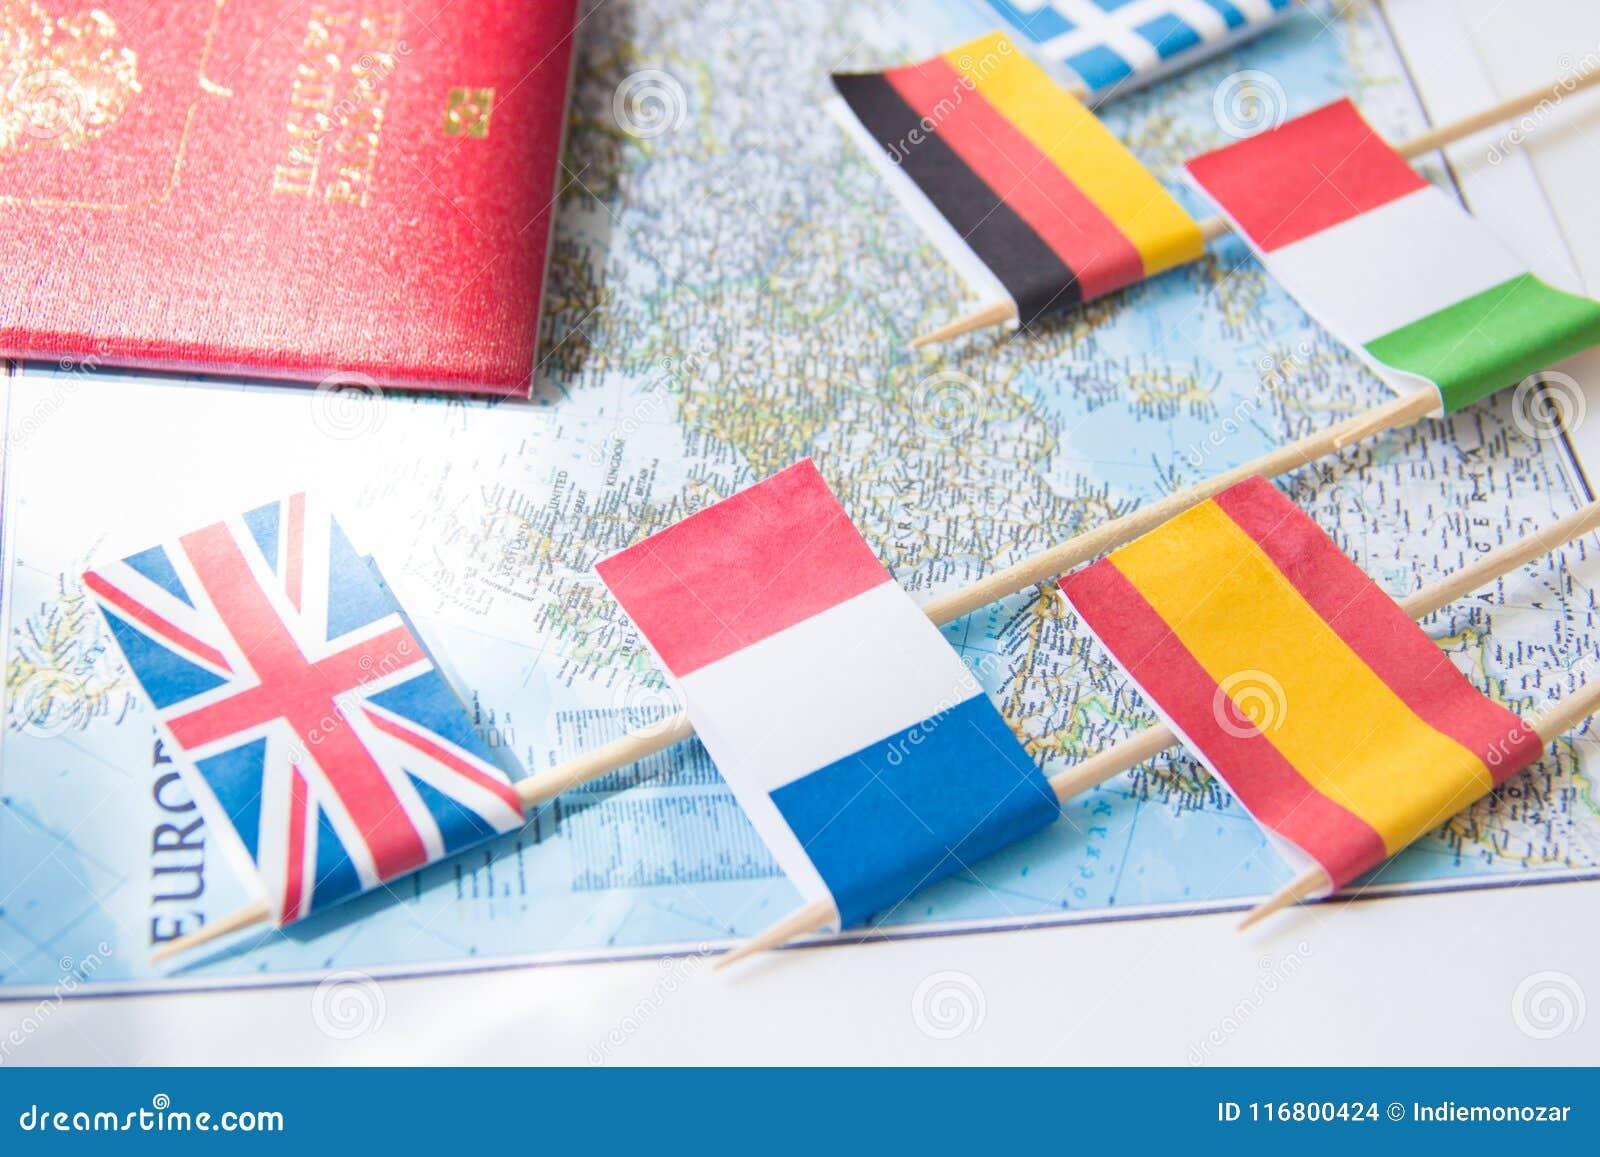 Bandiere colorate dei paesi europei su una mappa: La Francia, Italia, Inghilterra Regno Unito, Spagna, Grecia, concetto di pianif